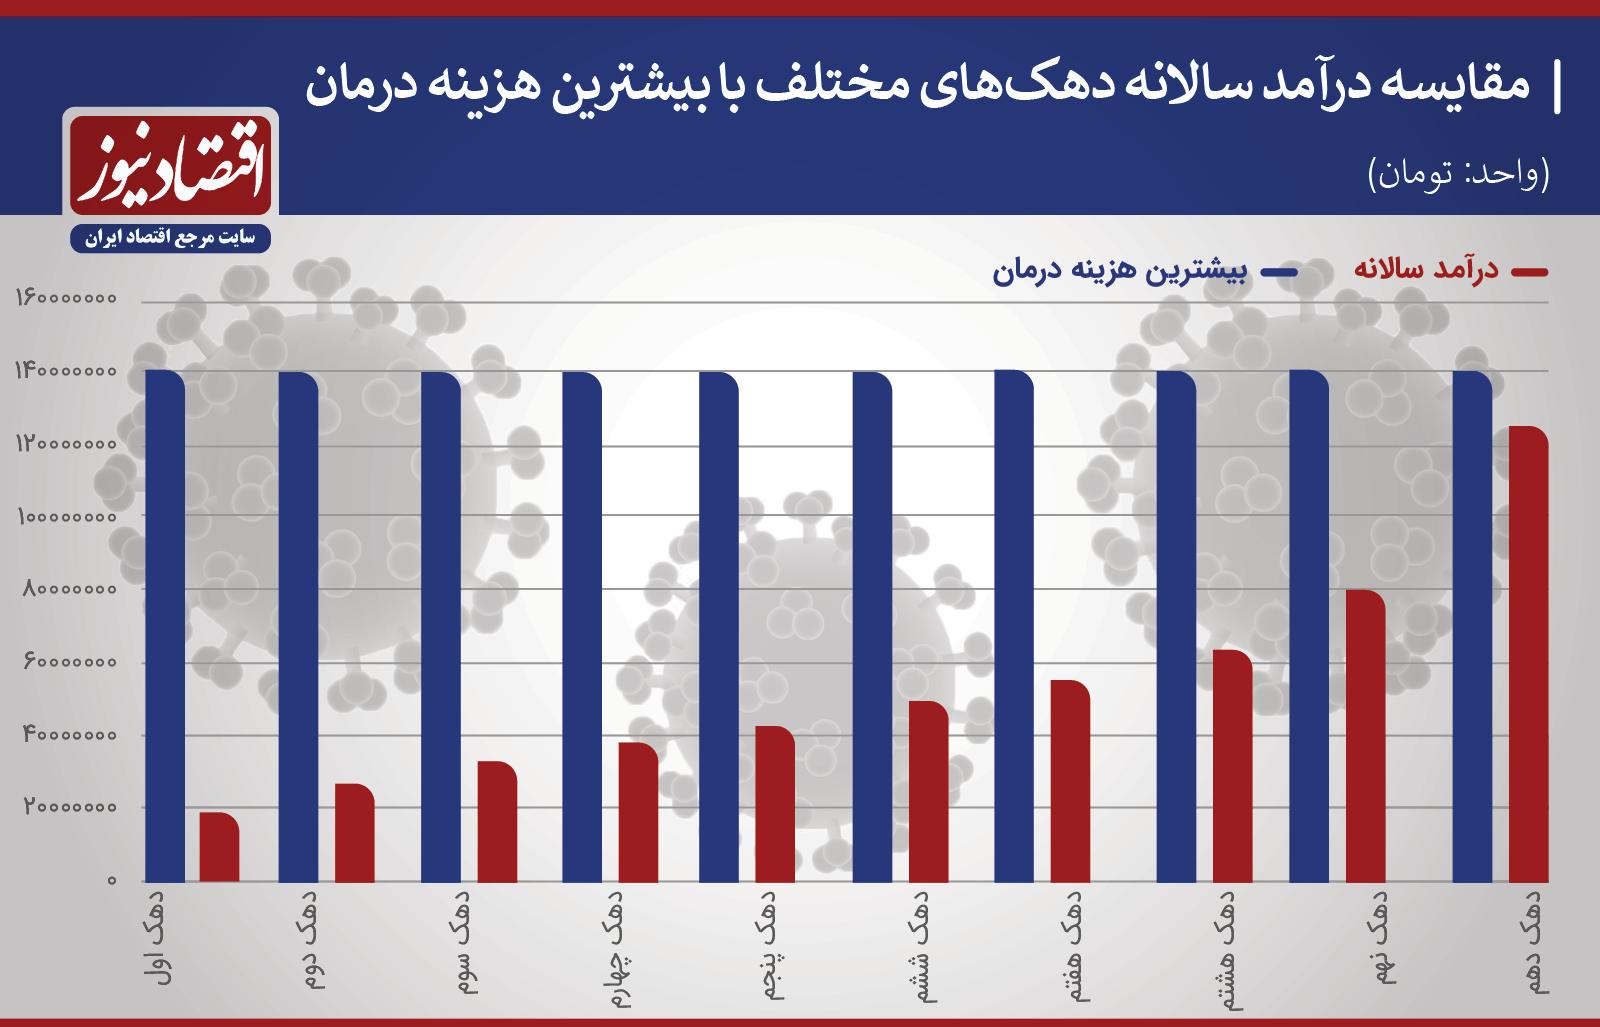 %D8%AF%D9%87%DA%A9+%D9%87%D8%A7+%D9%88+%DA%A9%D8%B1%D9%88%D9%86%D8%A7 - ردپای فقر در شیوع کرونا در ایران!